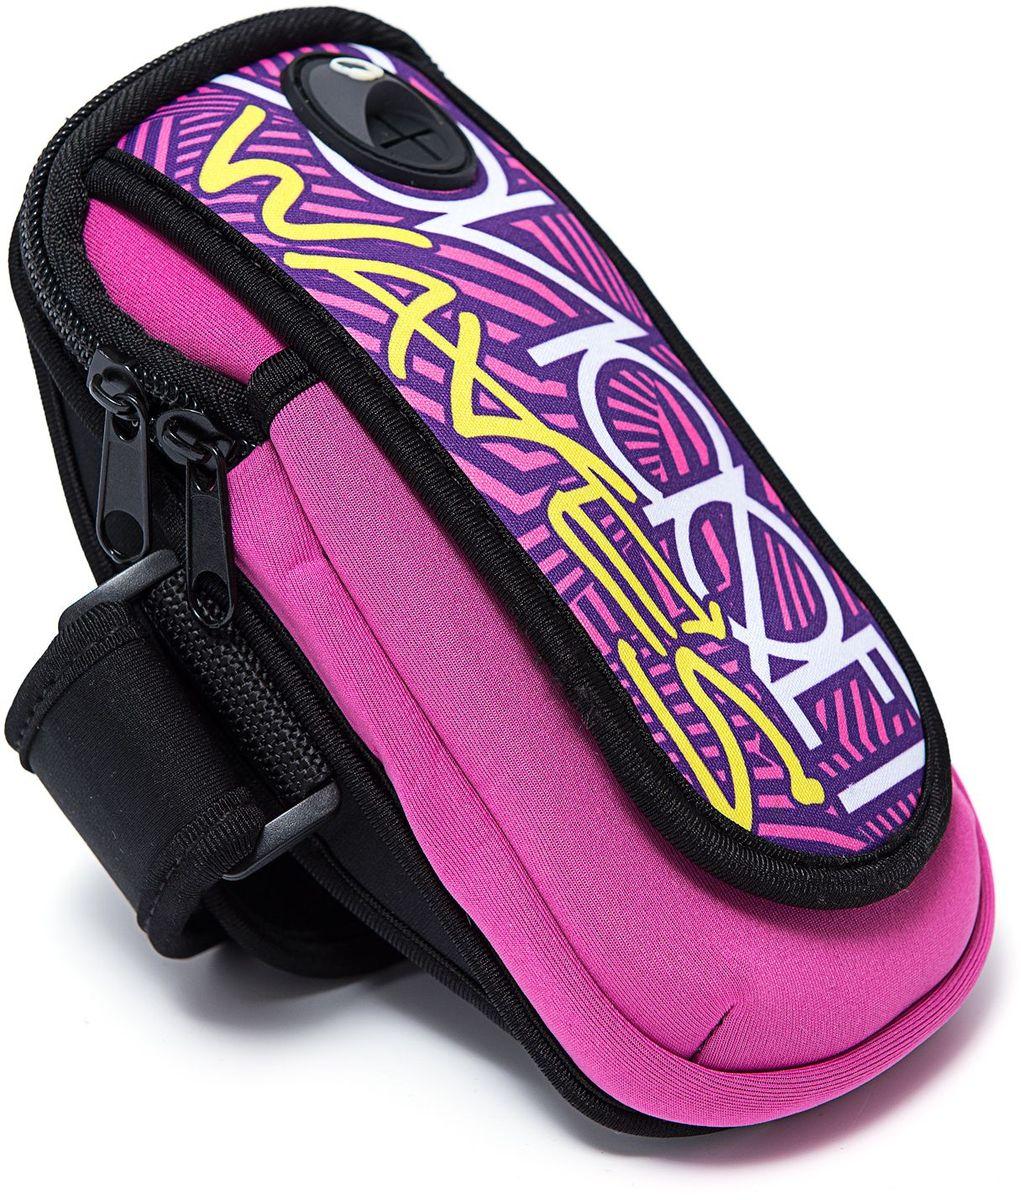 Органайзер Homsu, цвет: розовый, мультиколор, 15 х 9 смR-142Органайзер на руку - оригинальный и практичный аксессуар, выполнен в яркой расцветке, имеет отверстие для наушников, удобно крепится на руку. Незаименимая вещь для тех, кто ведет активный образ жизни. Размер изделия: 15х9см